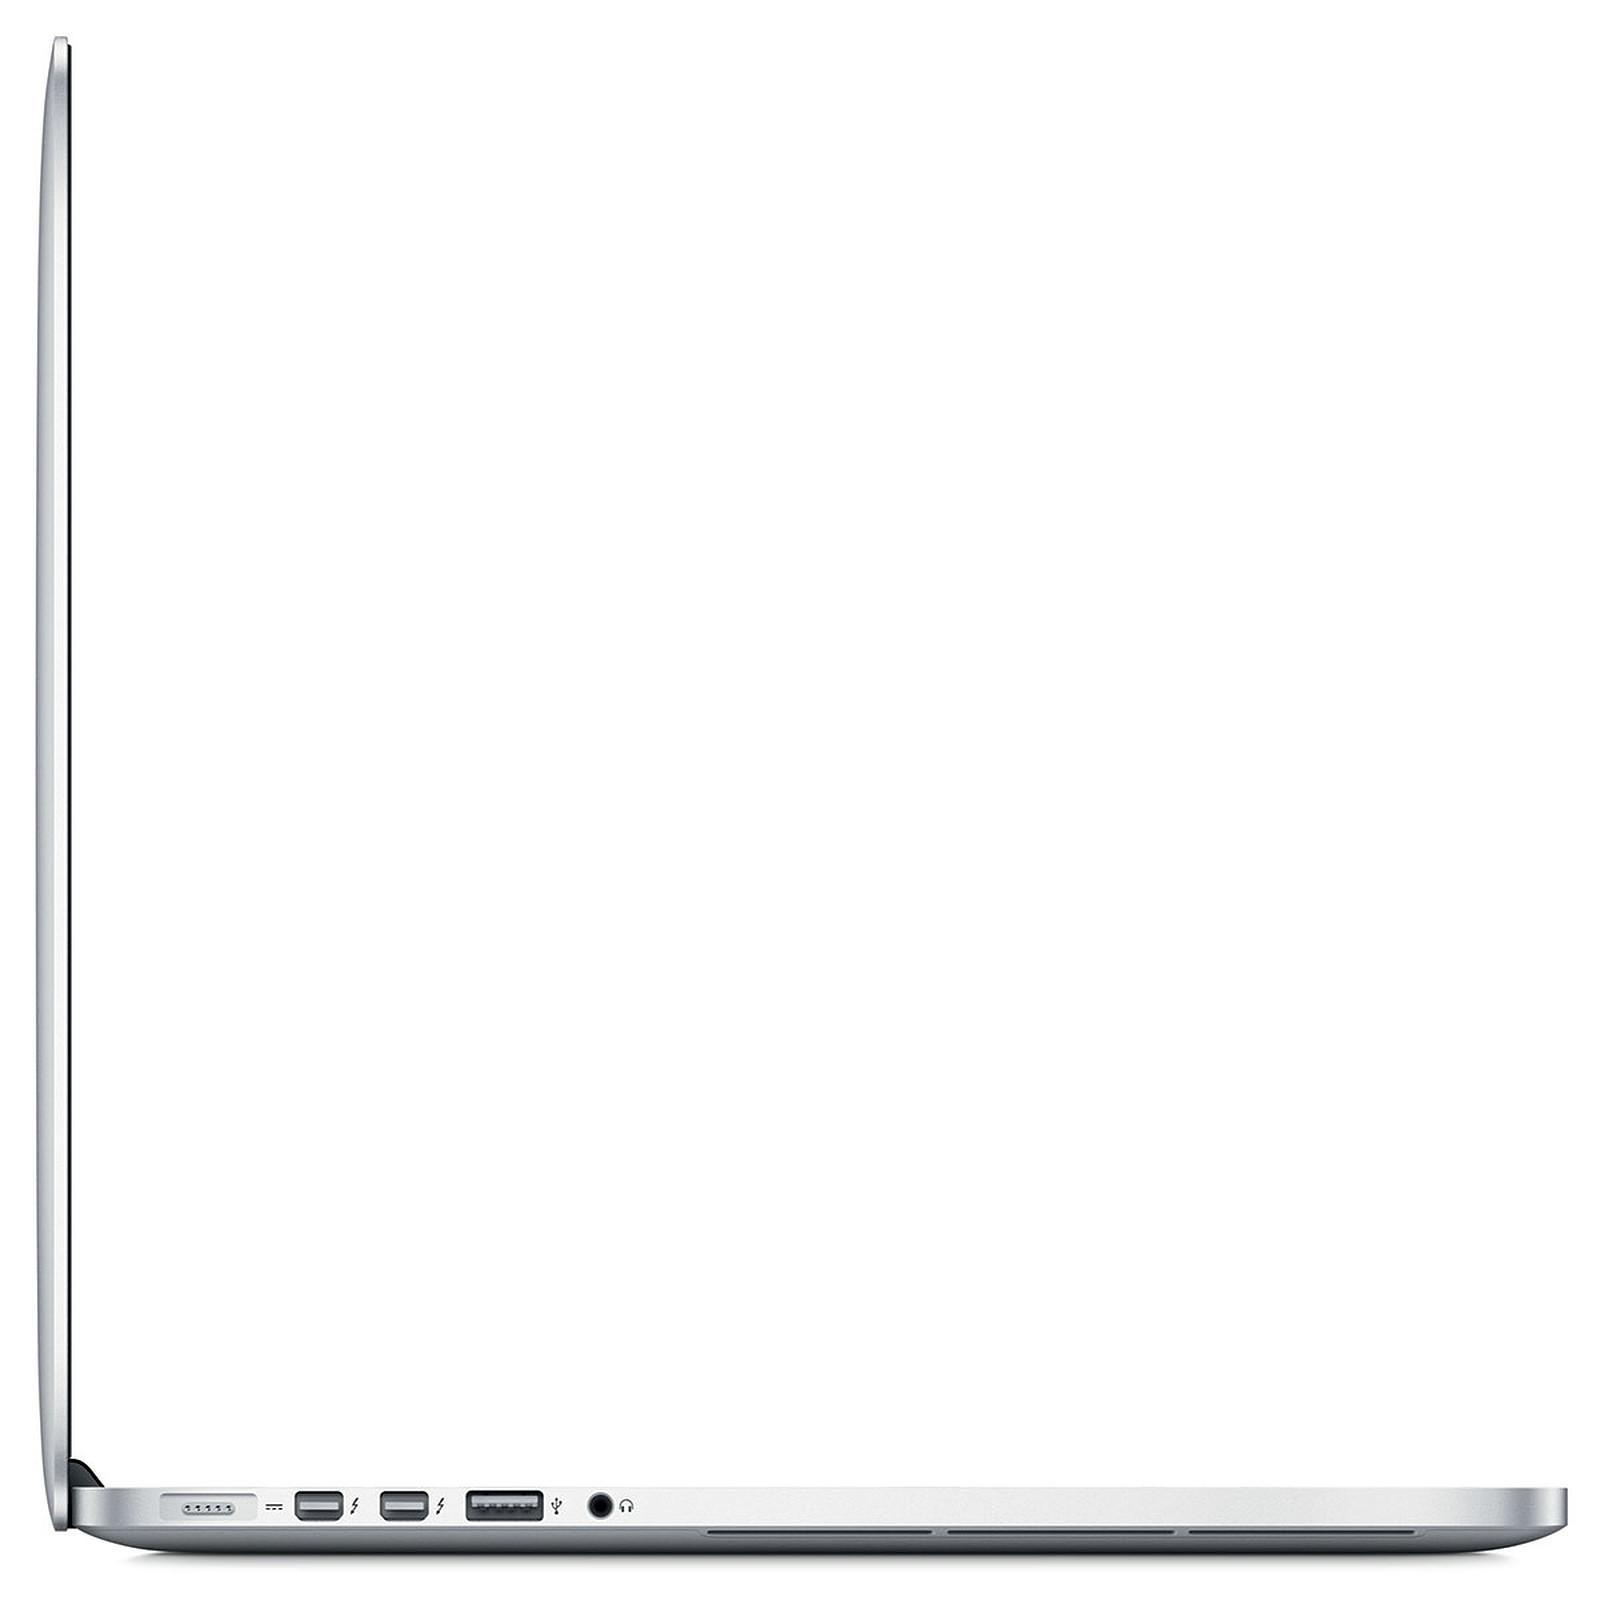 MacBook Pro Retina 15,4-tum (2012) - Core i7 - 16GB - SSD 500 GB QWERTY - Engelska (Storbritannien)